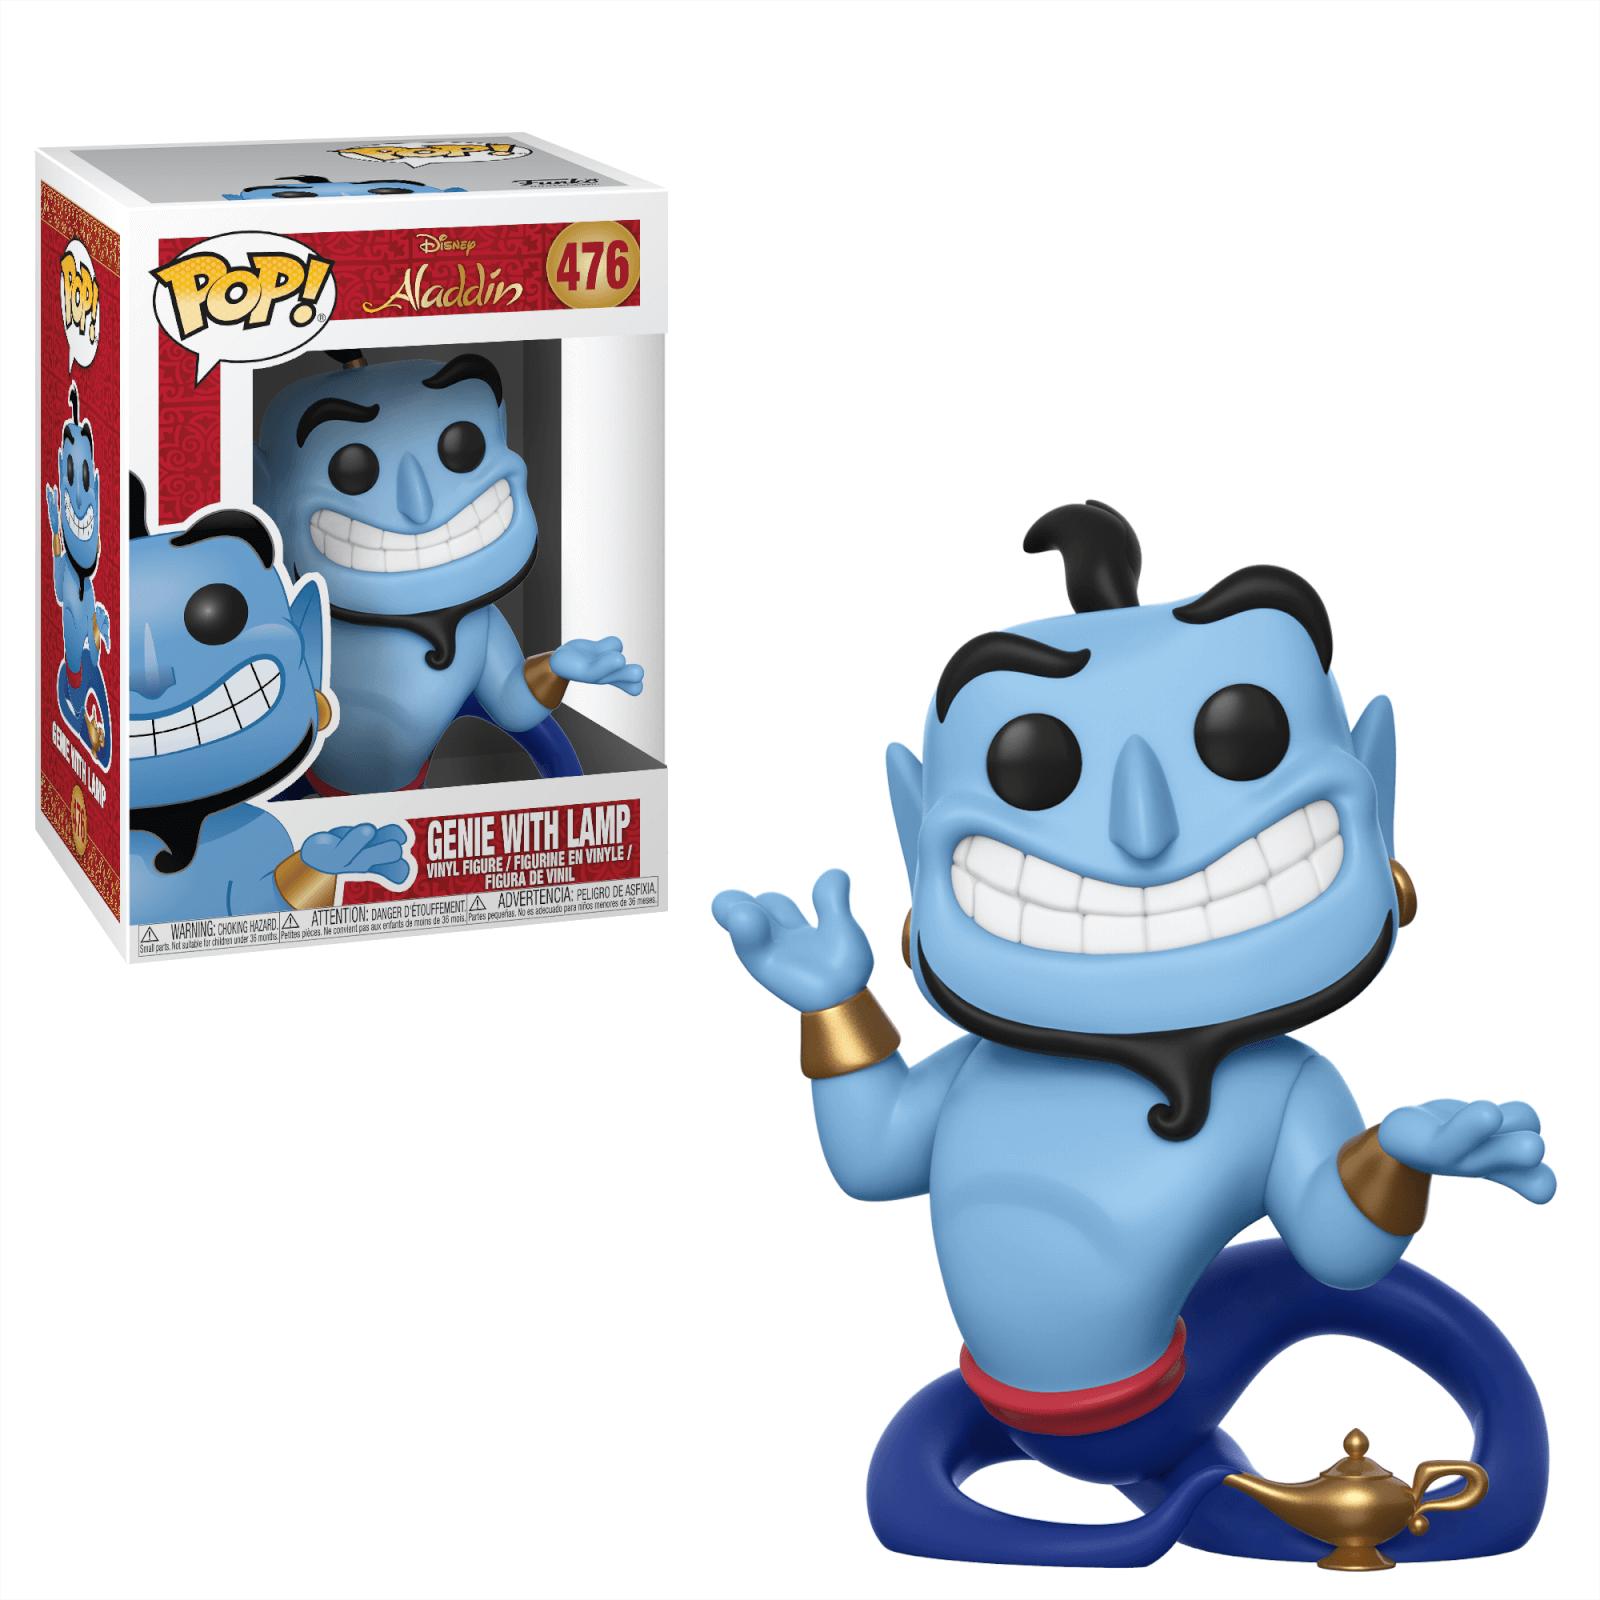 Figurina Funko Pop Aladdin Genie cu Lampa